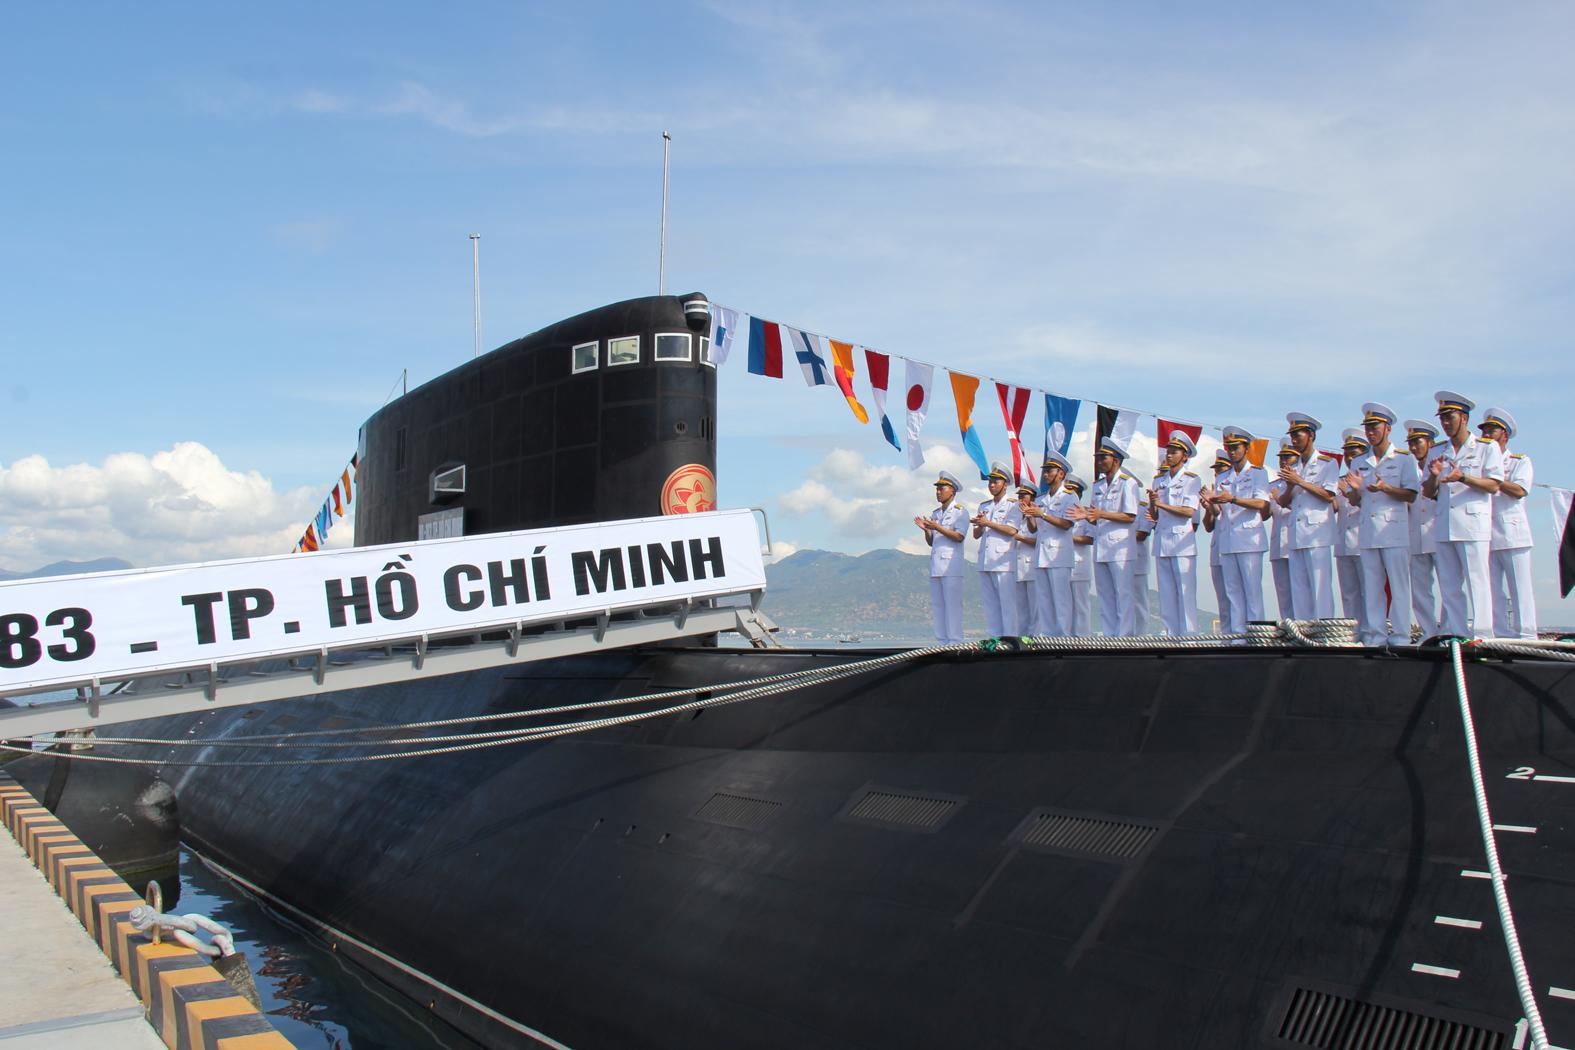 Đội hình cán bộ thủy thủ tàu HQ-183 TP Hồ Chí Minh